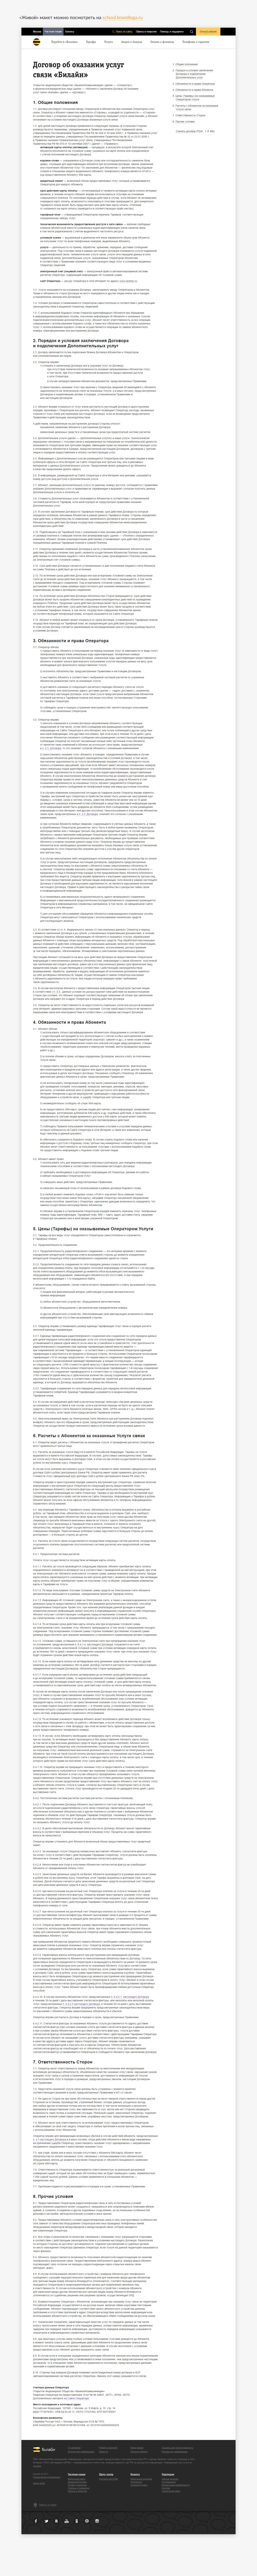 Вёрстка сложного документа. Первая итерация